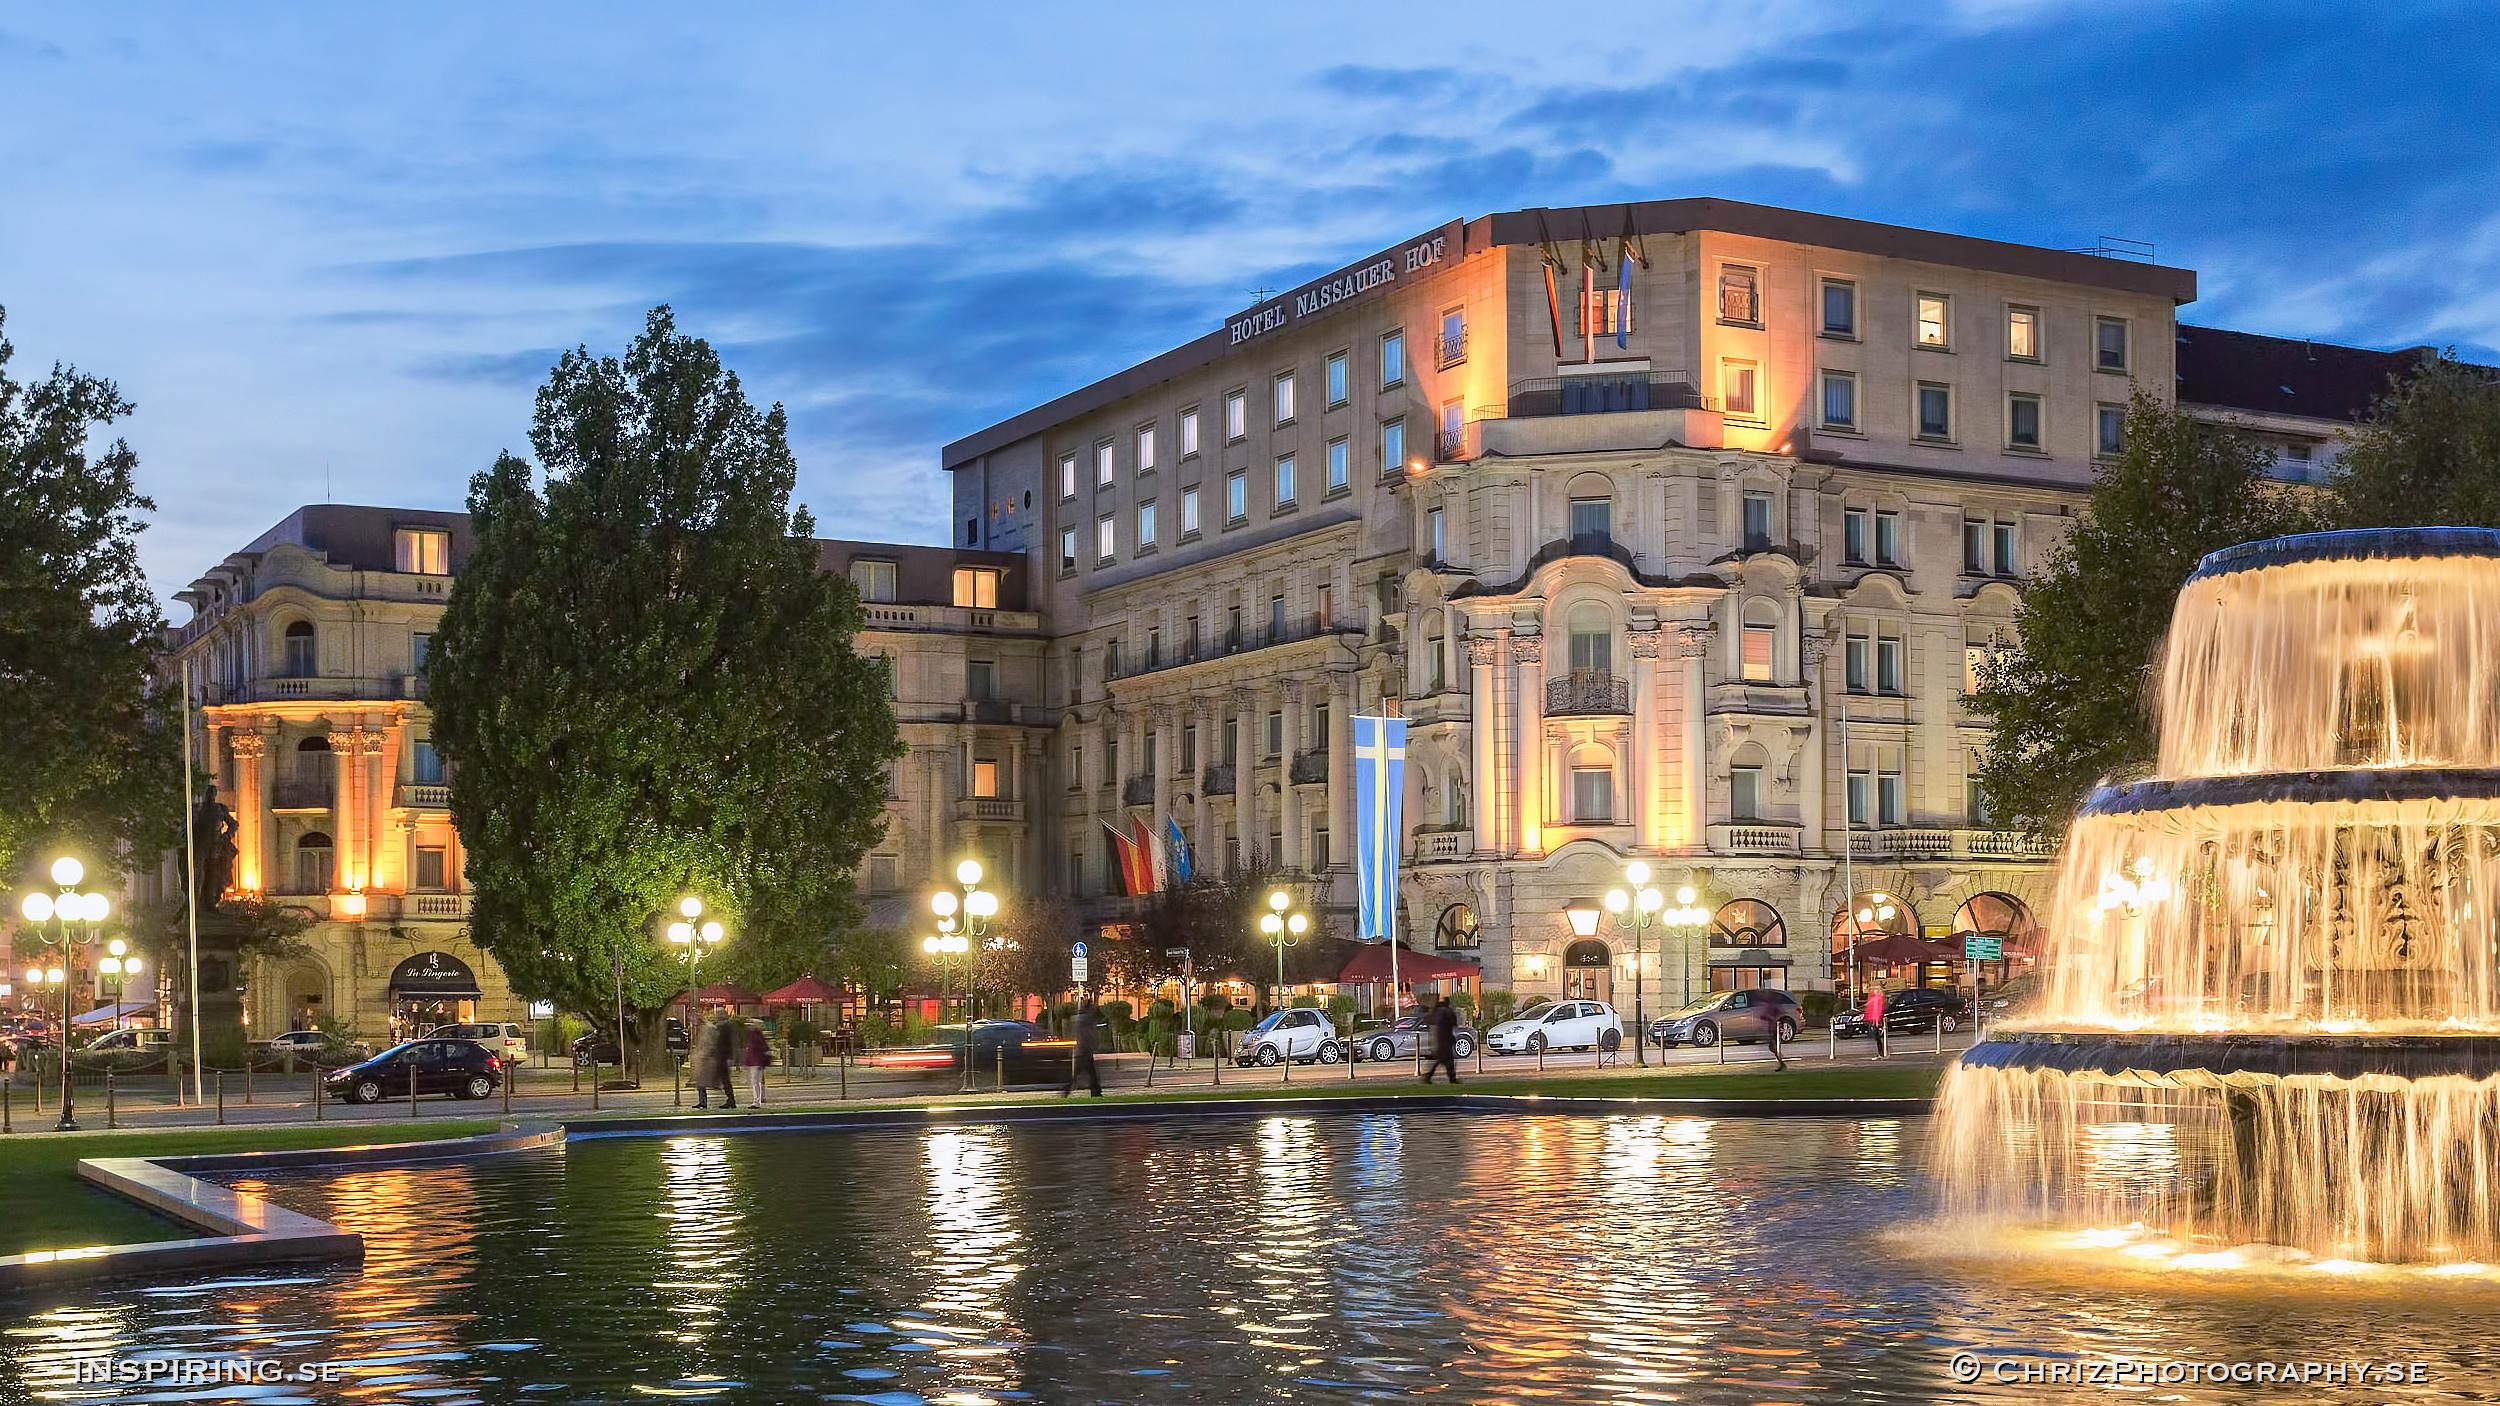 Hotel_Nassauer_Hof_Inspiring.se_copyright_ChrizPhotography.se_17.jpg